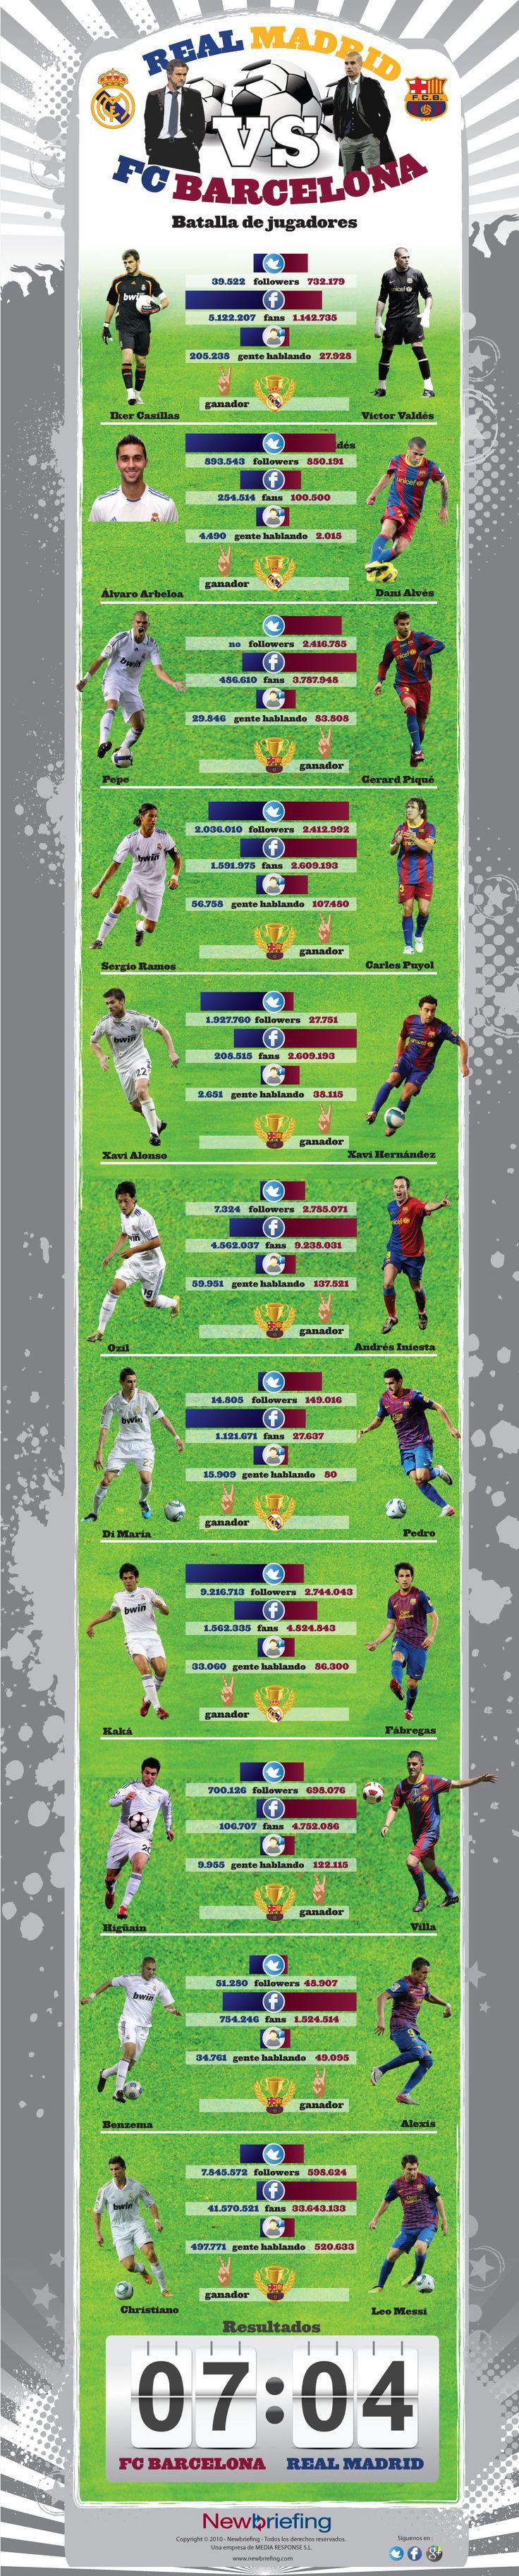 Real Madrid - Barcelona en las redes sociales